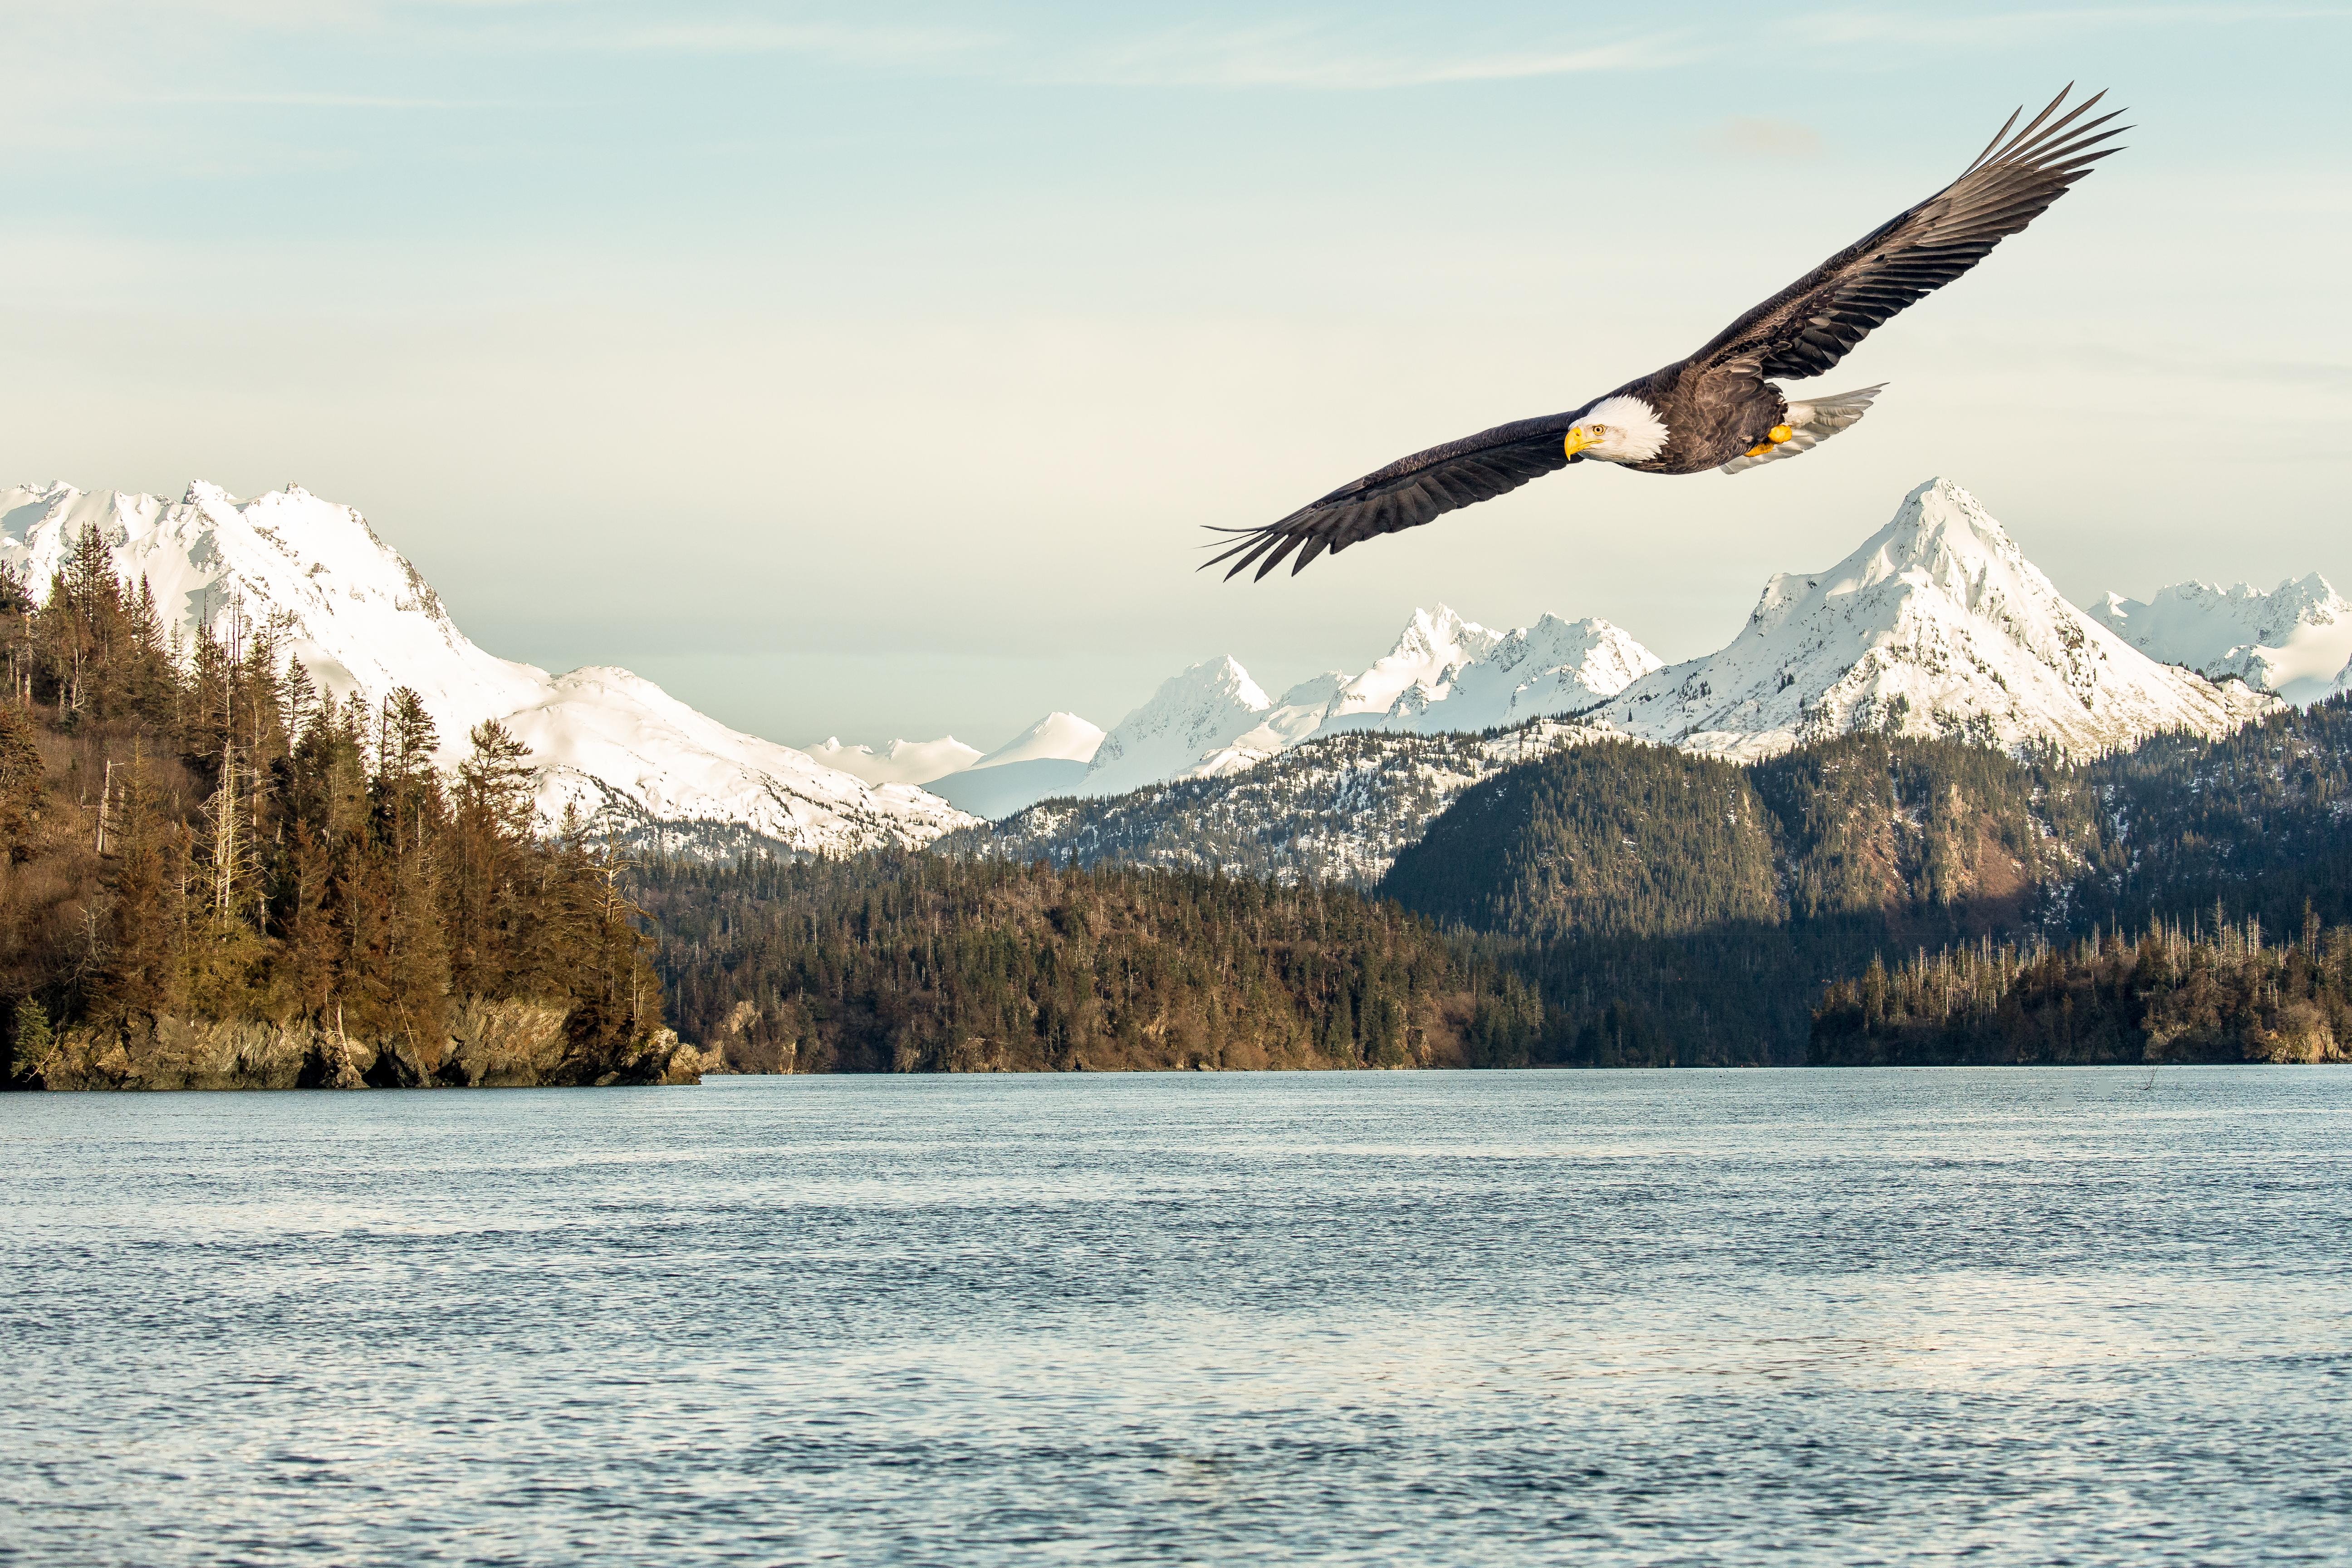 пейзажные фото птицы в полете что